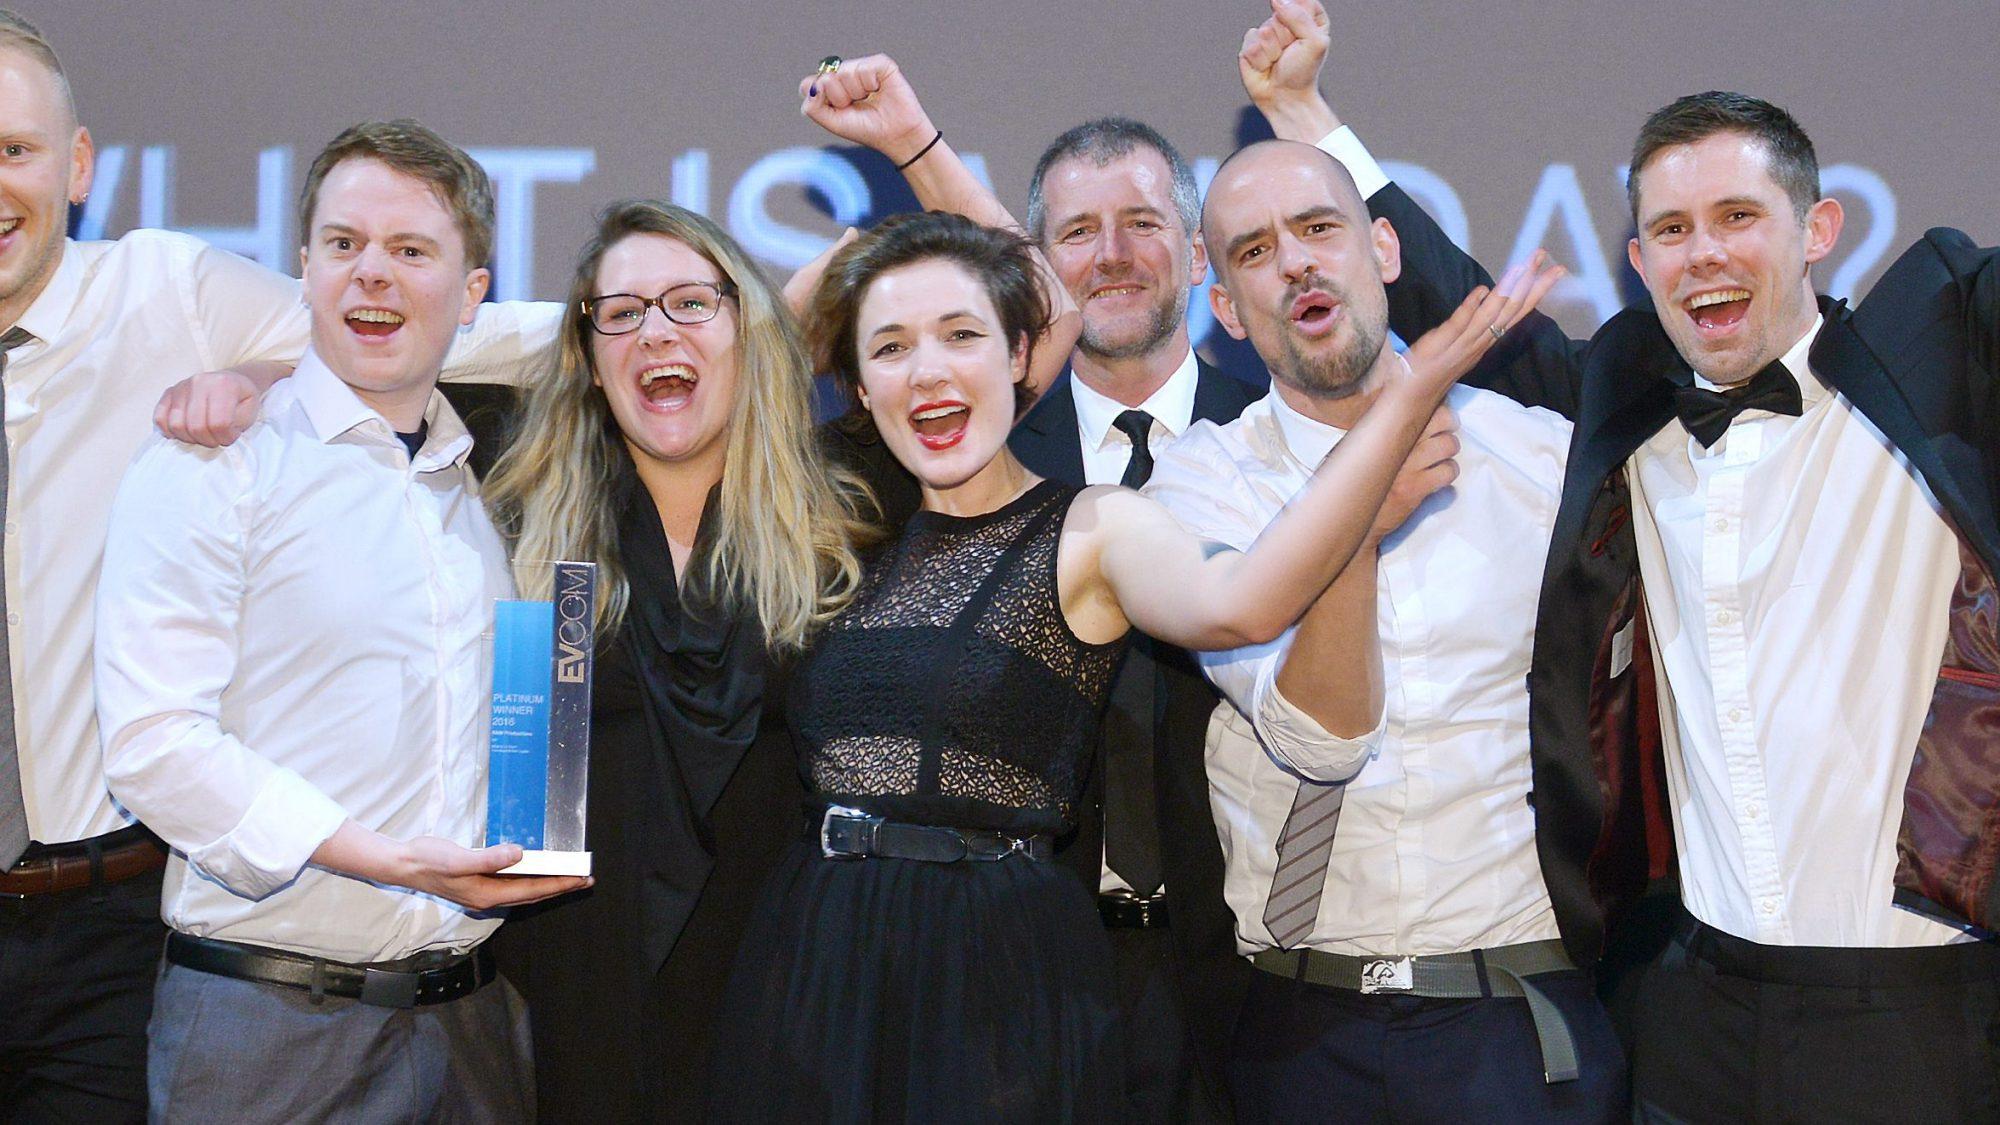 Awards - EVCOM Screens 2017